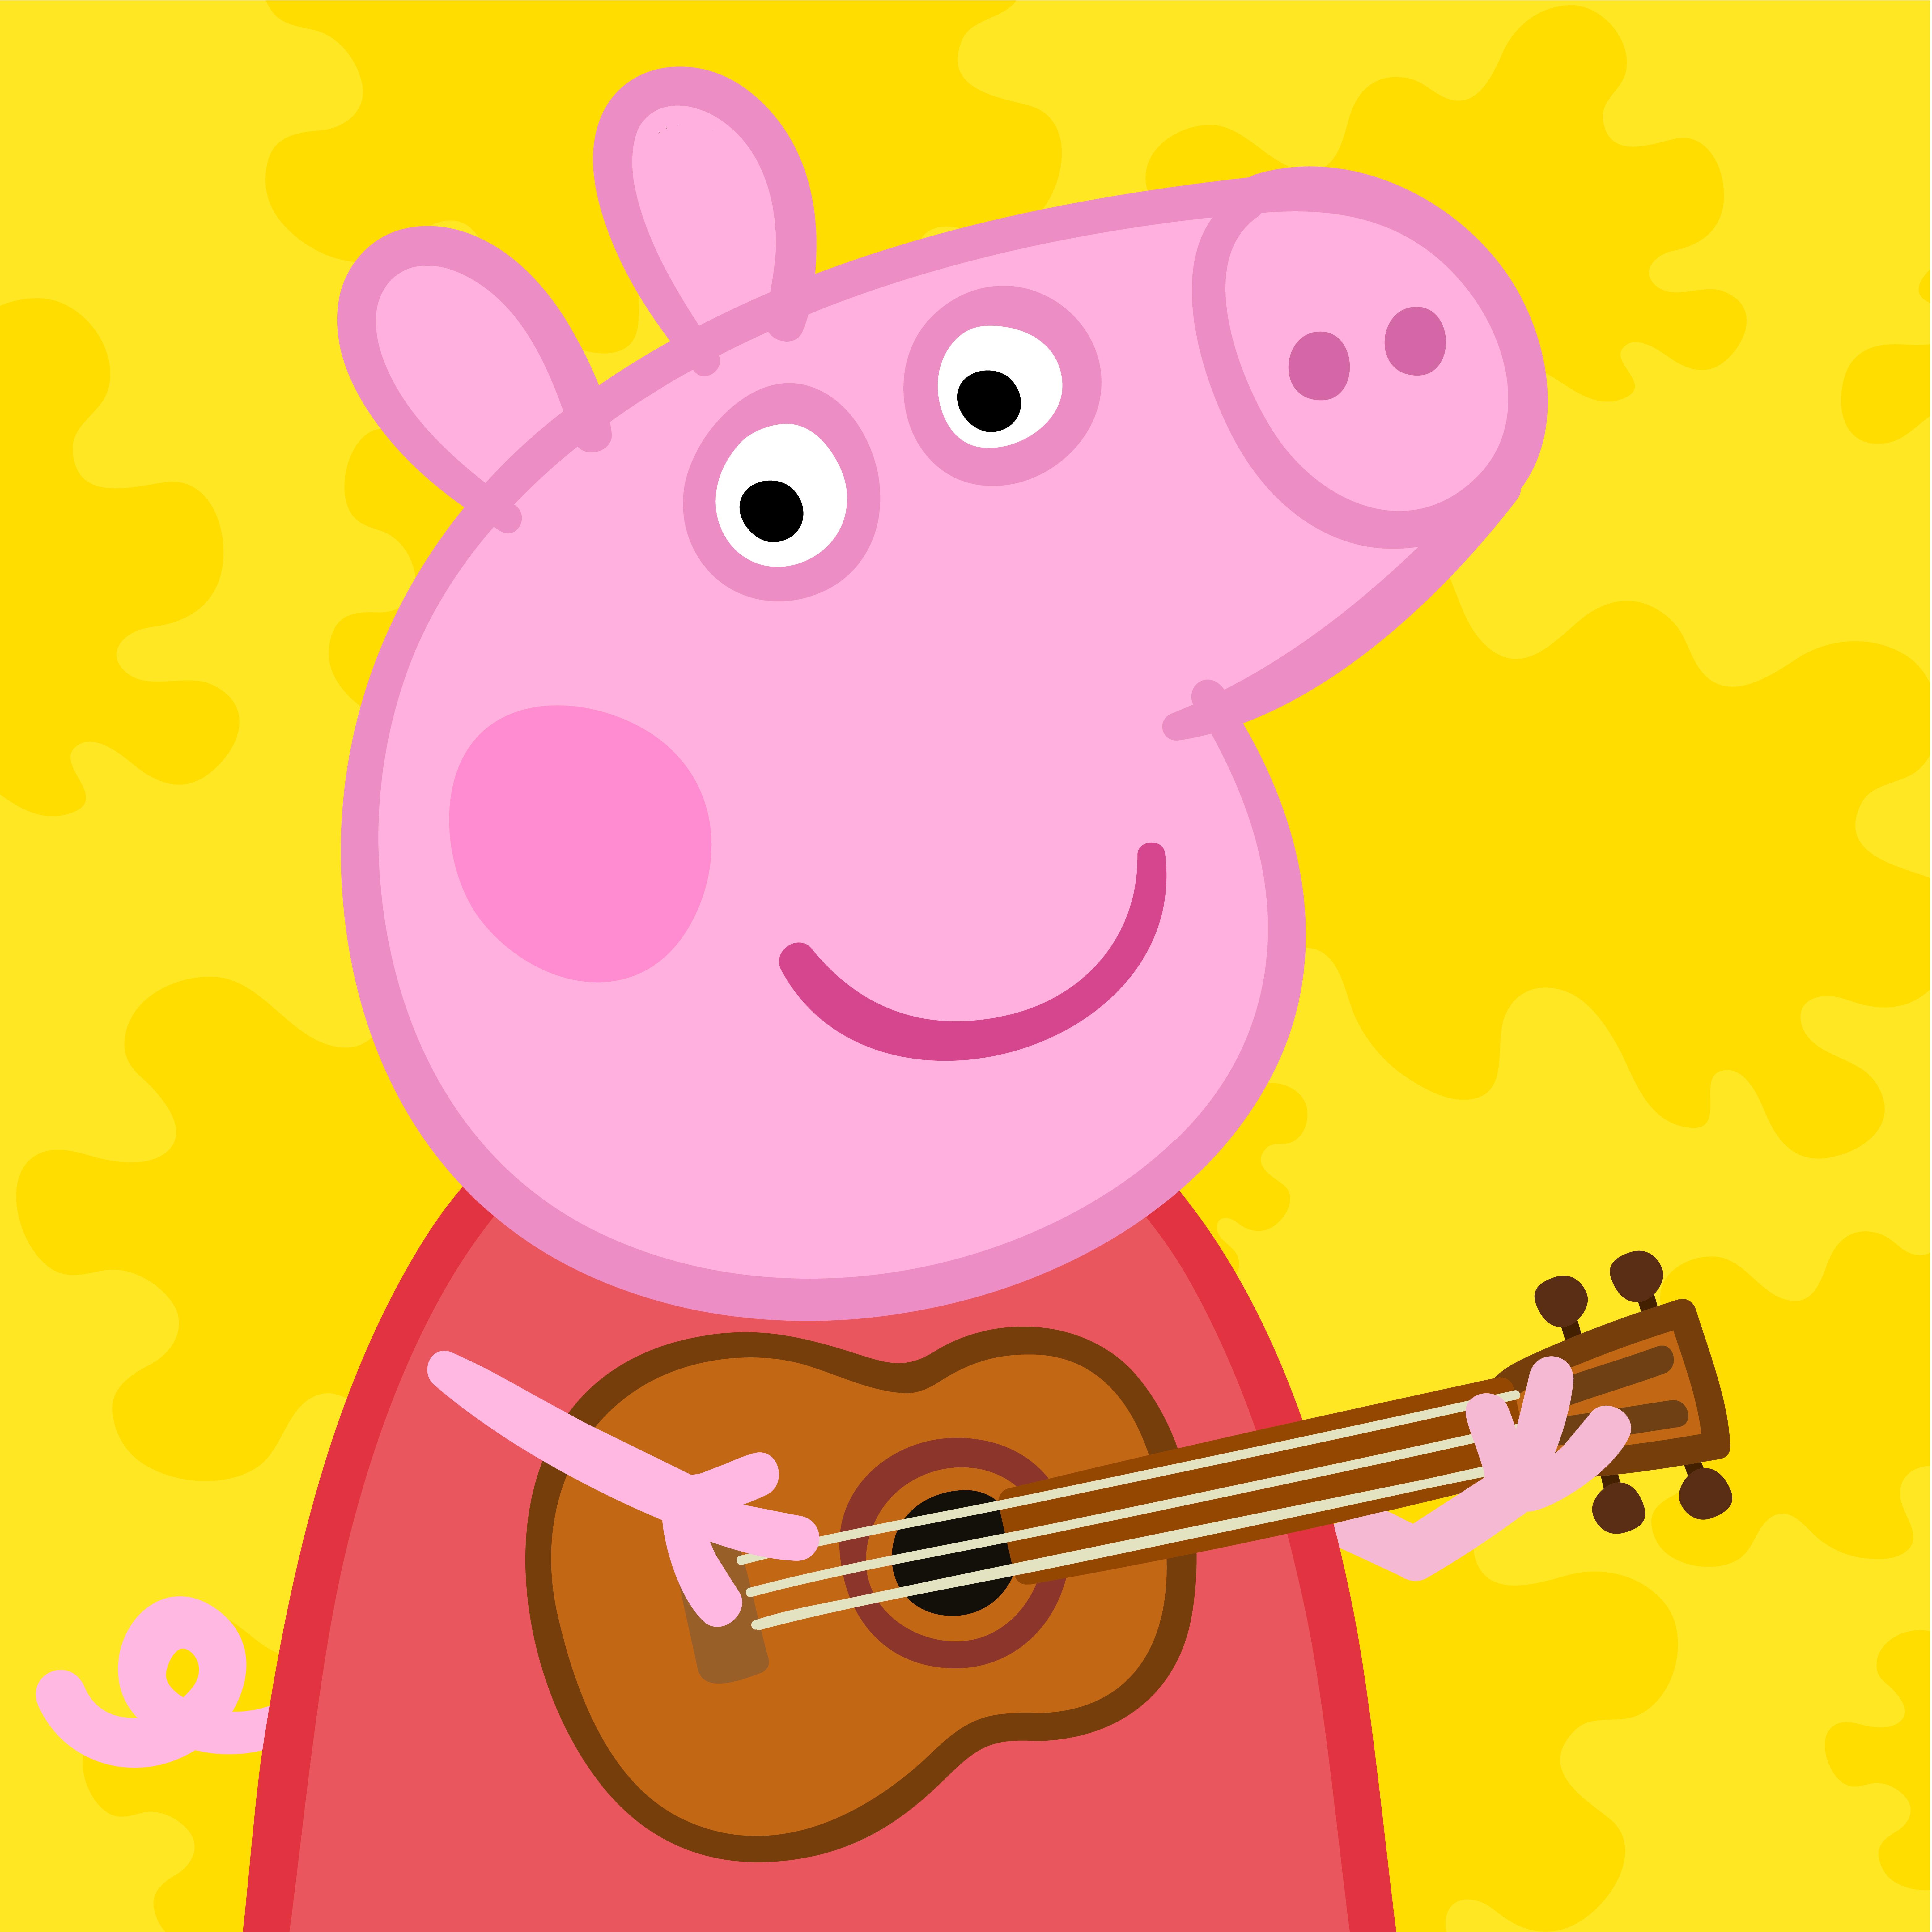 картинки свинка пеппа красивые квитко